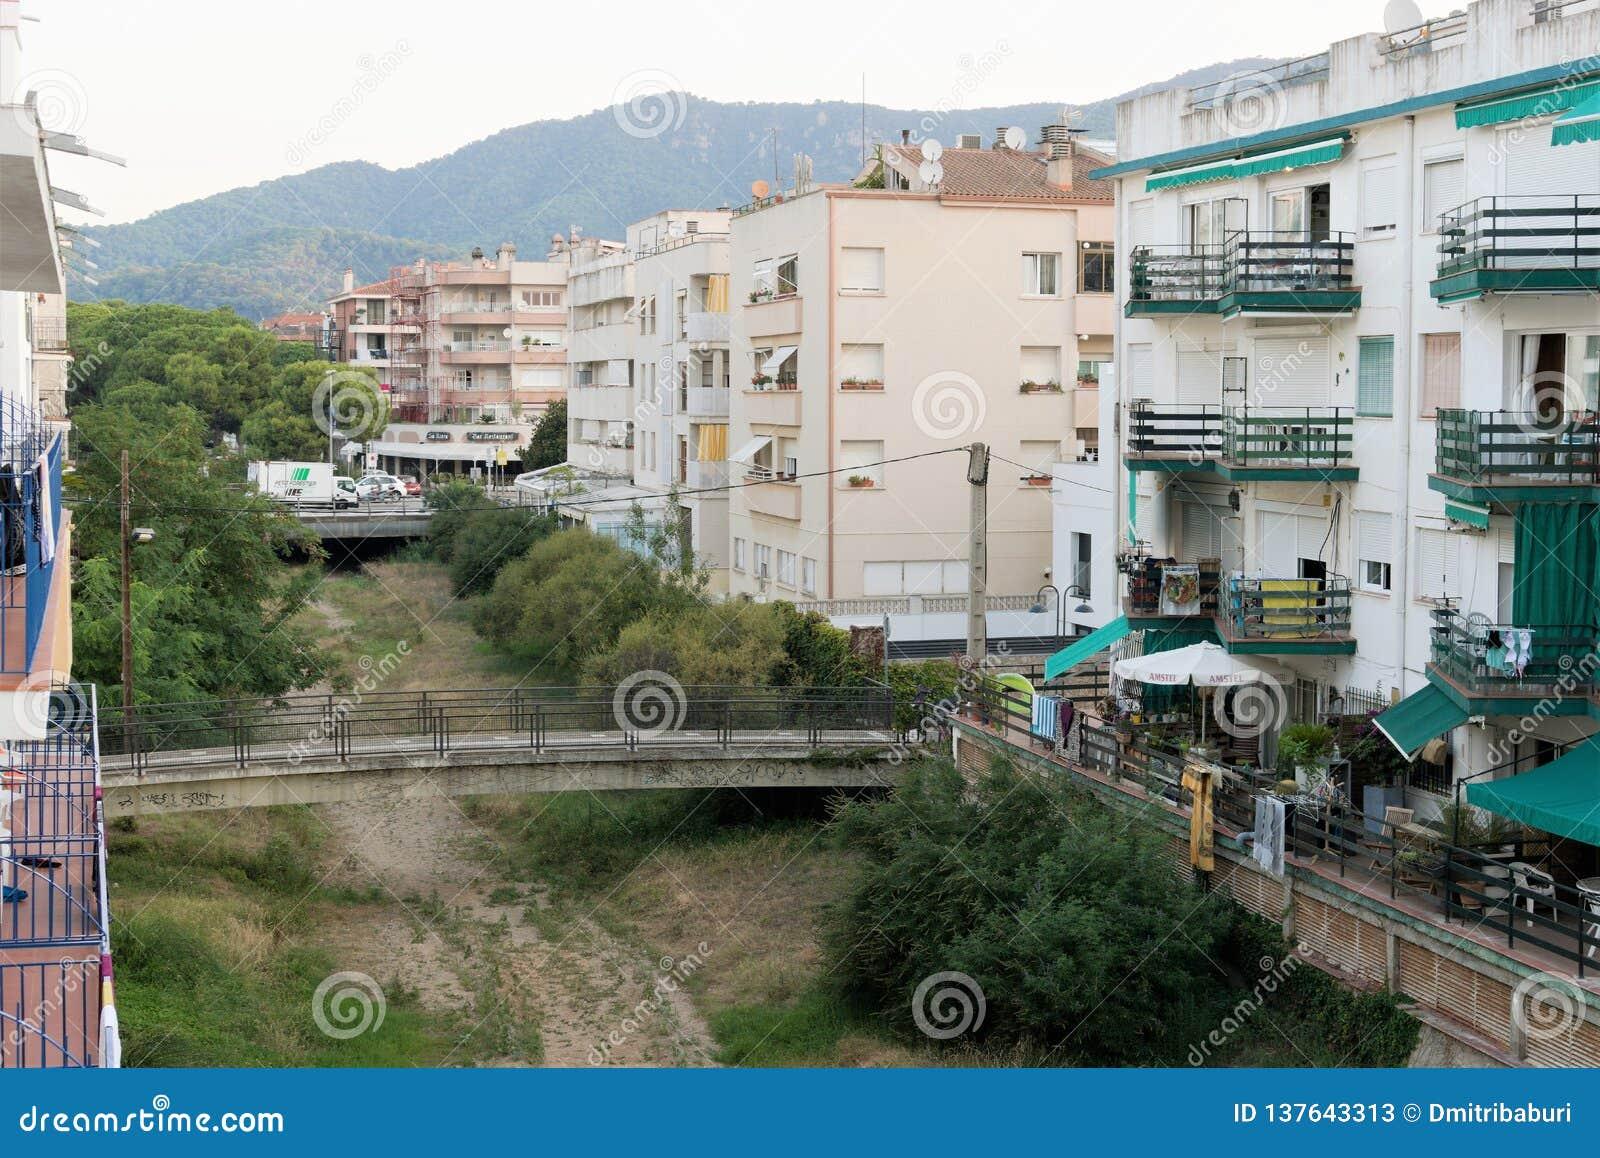 Tossa de Mar, Catalogna, Spagna, agosto 2018 Vista del letto di un fiume inaridito con un ponte e degli edifici residenziali lung